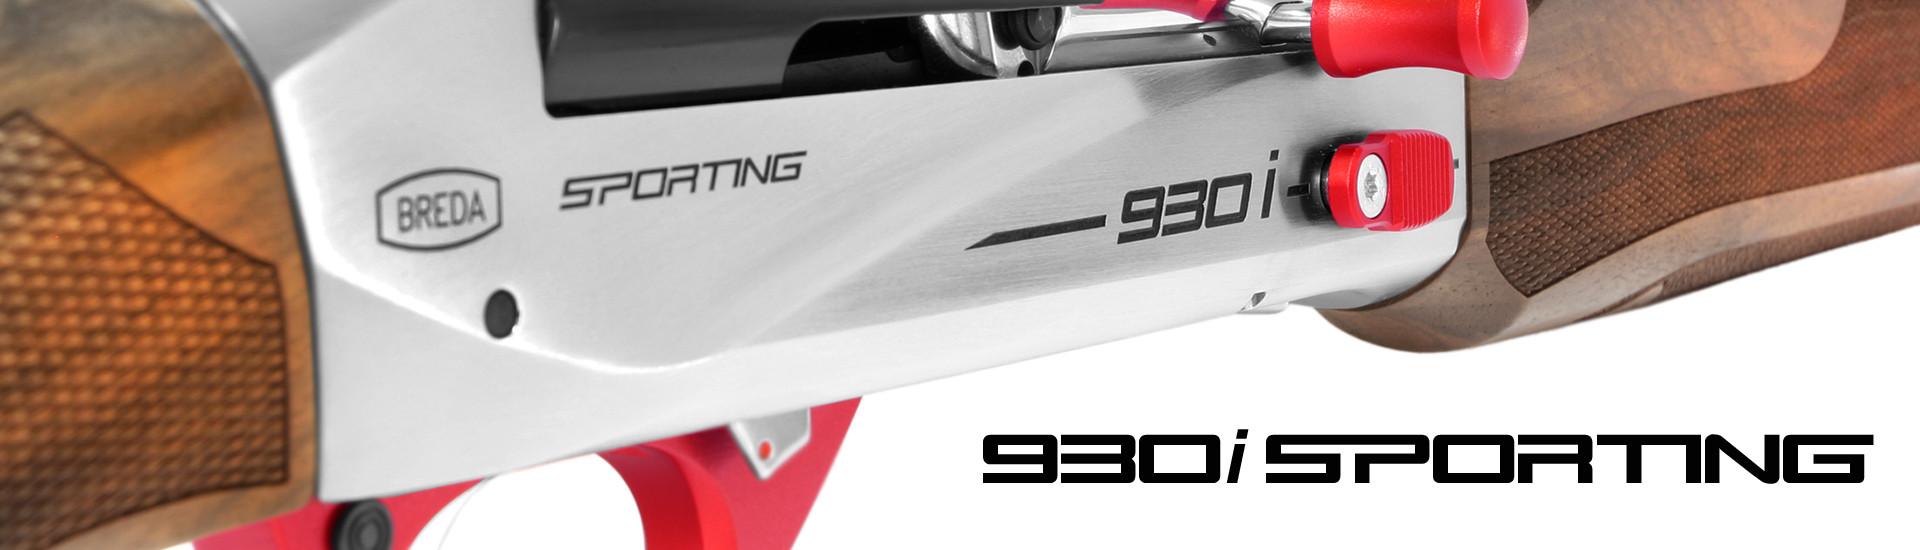 Breda 930i Sporting